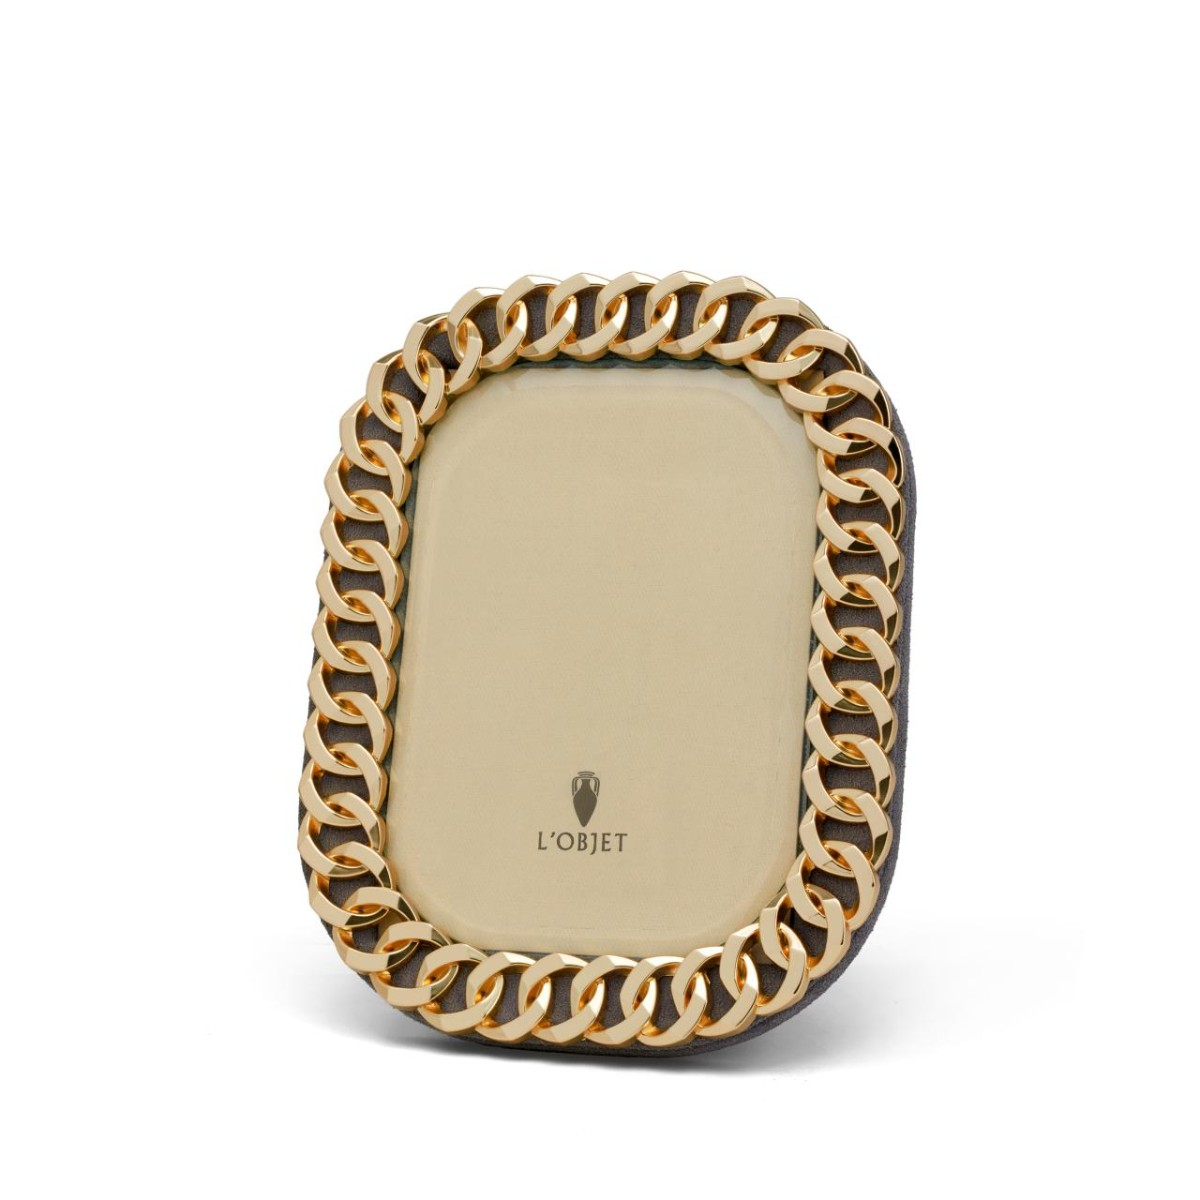 L'objet I Cuban Link Gold Photo Frame | 4 x 6